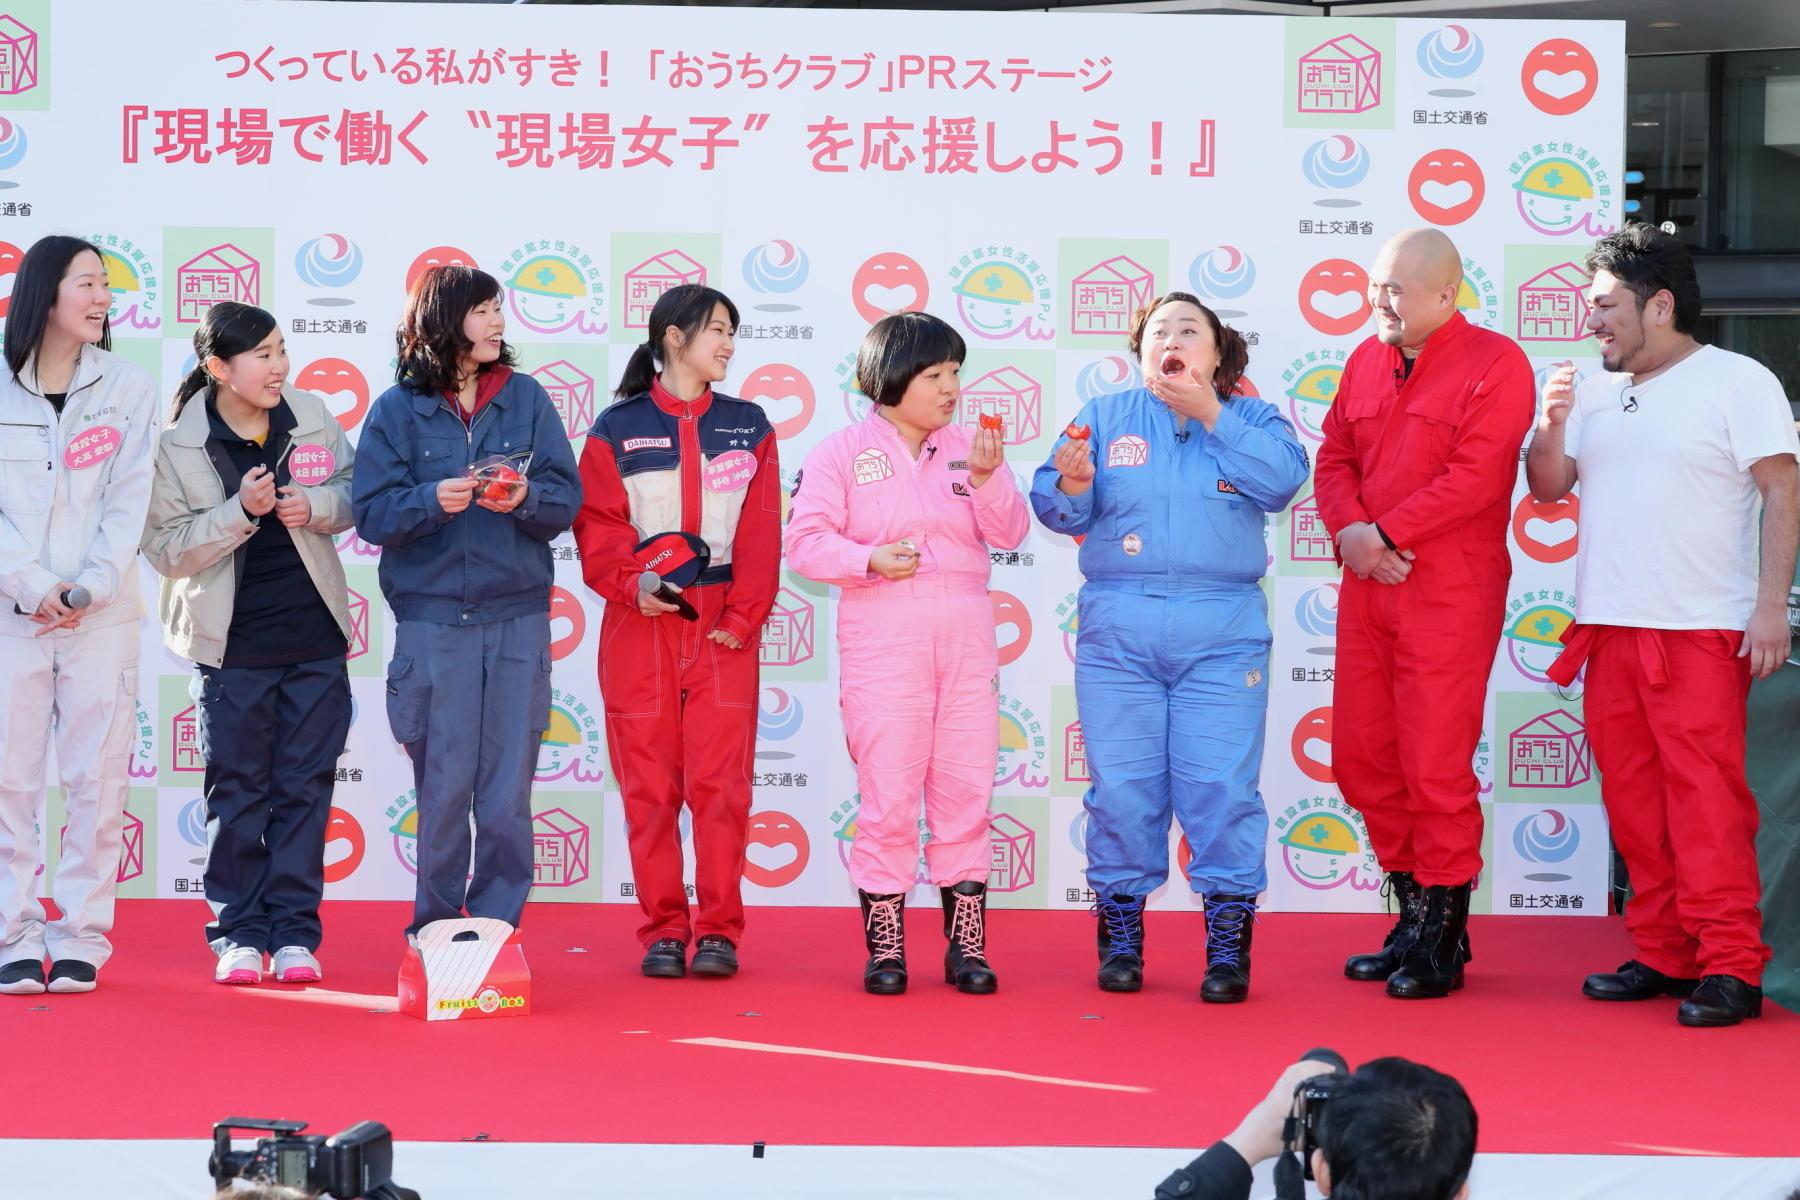 http://news.yoshimoto.co.jp/20170226095811-a7d484e60f4bcde1e574d513f8fd91483d4485dd.jpg